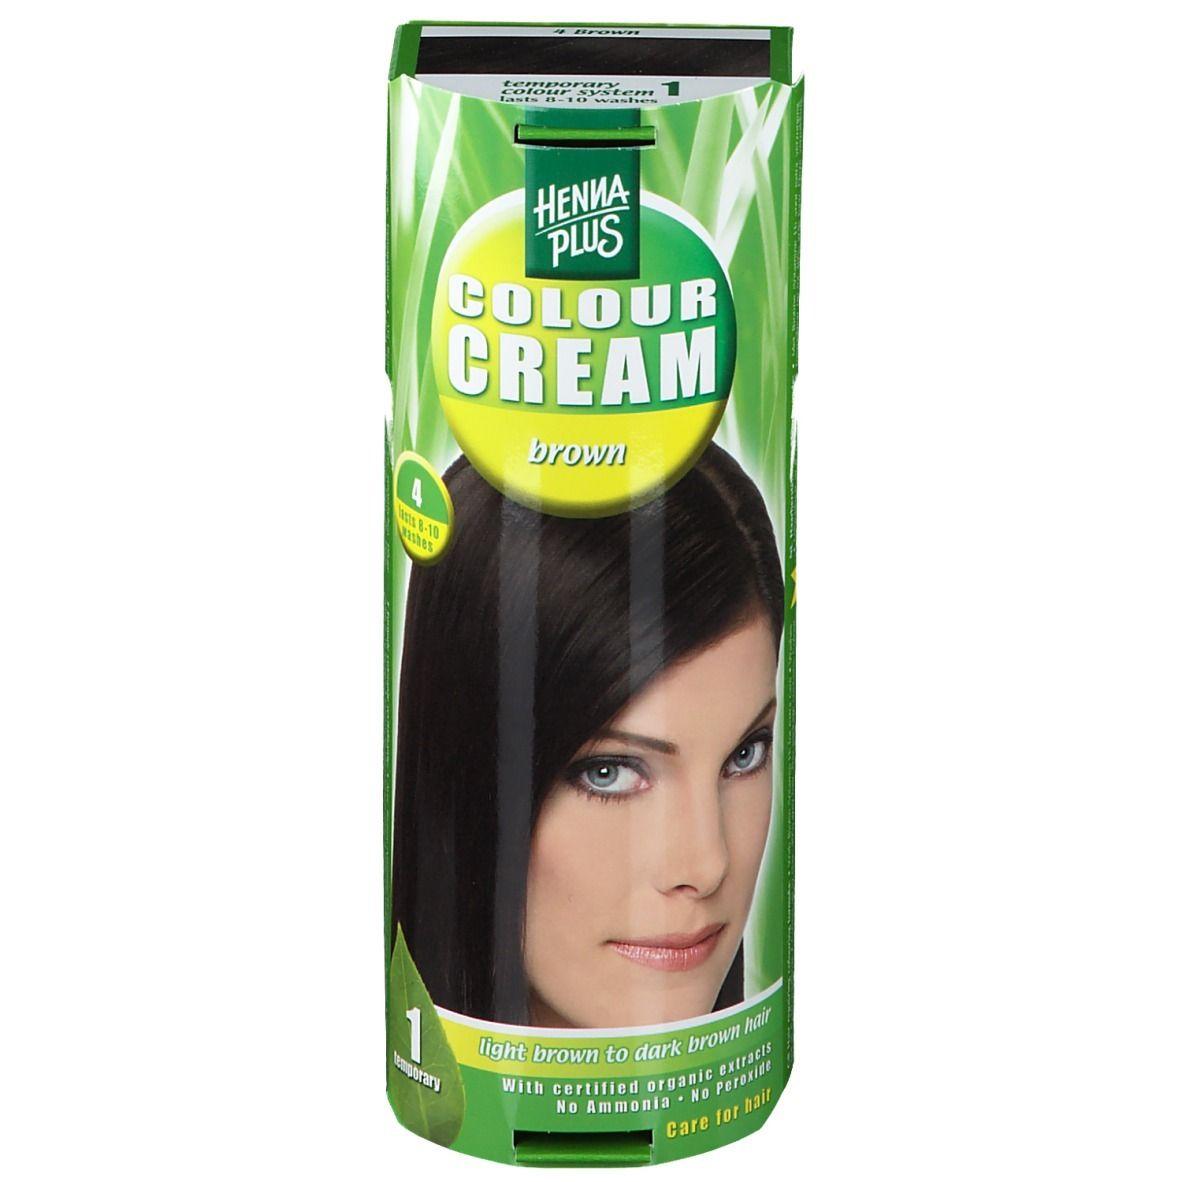 Image of Hennaplus Colour Cream Brown 4